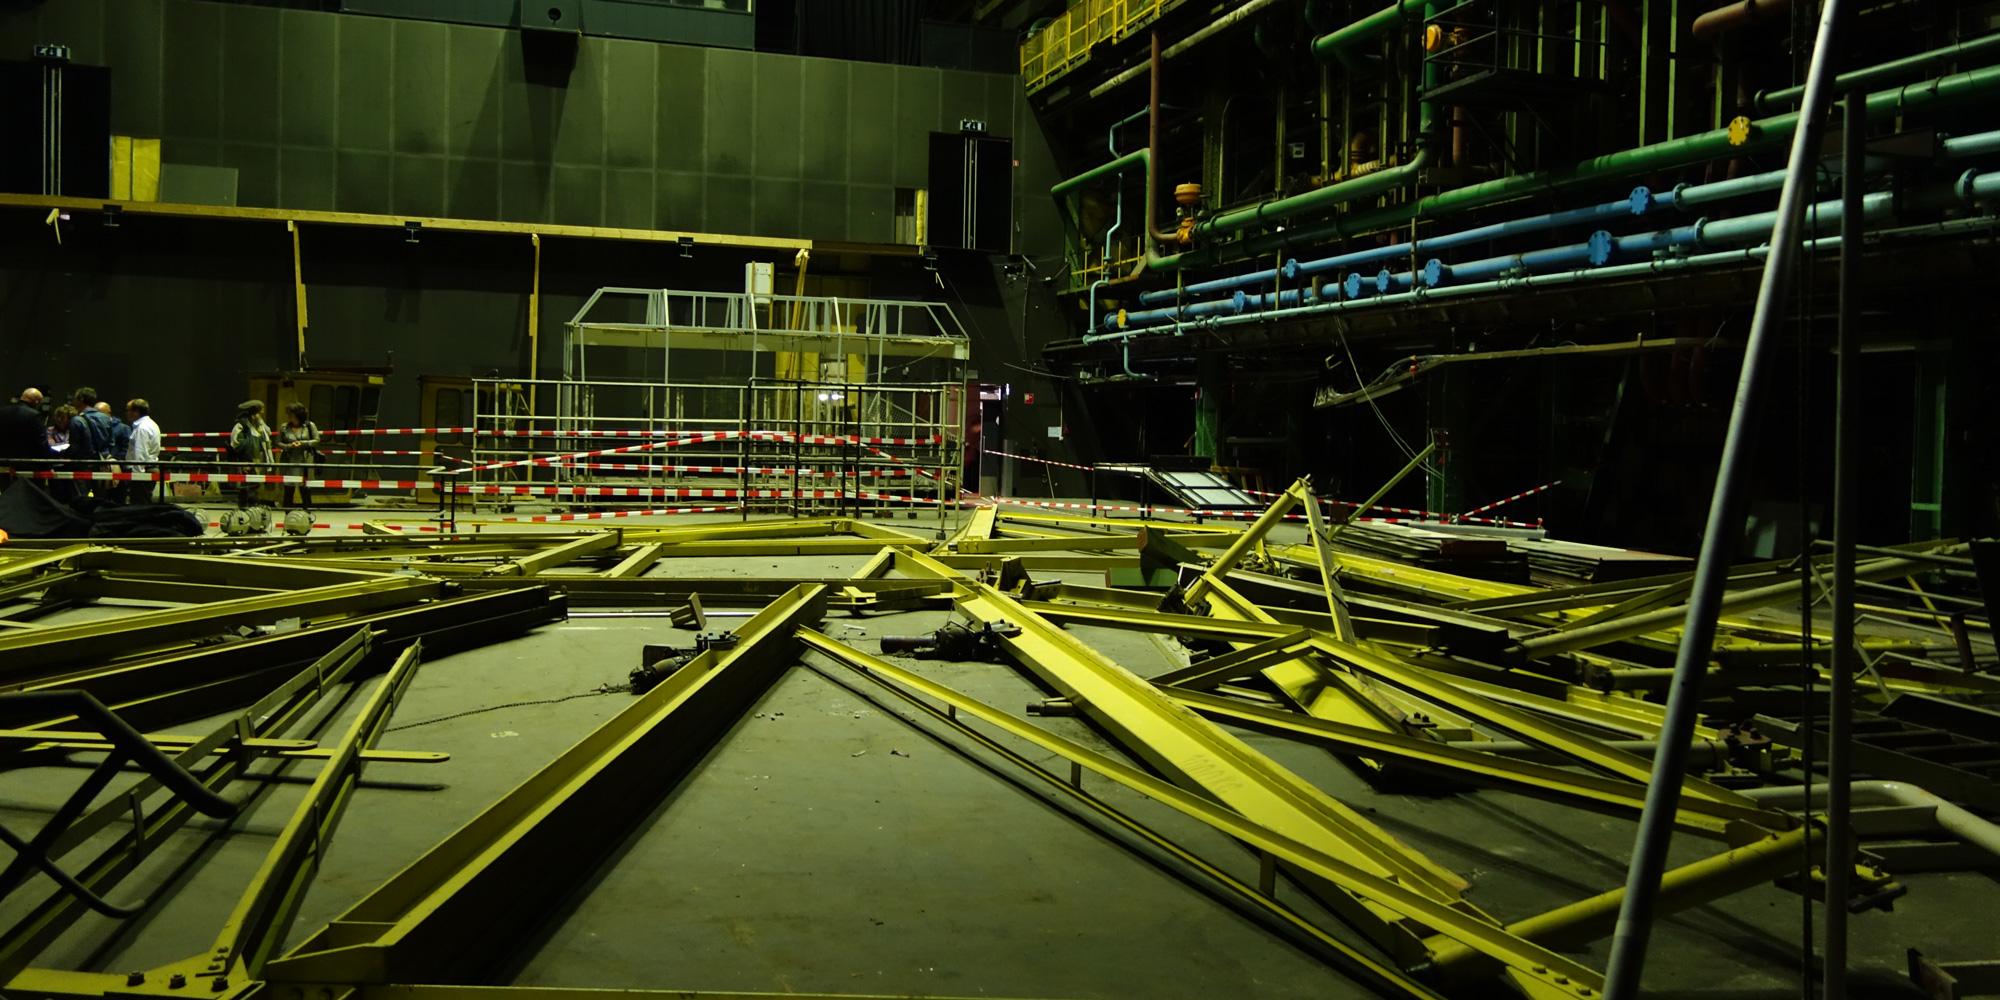 werkspoorhal_industrie_oude-materialen_hergebruik_construction